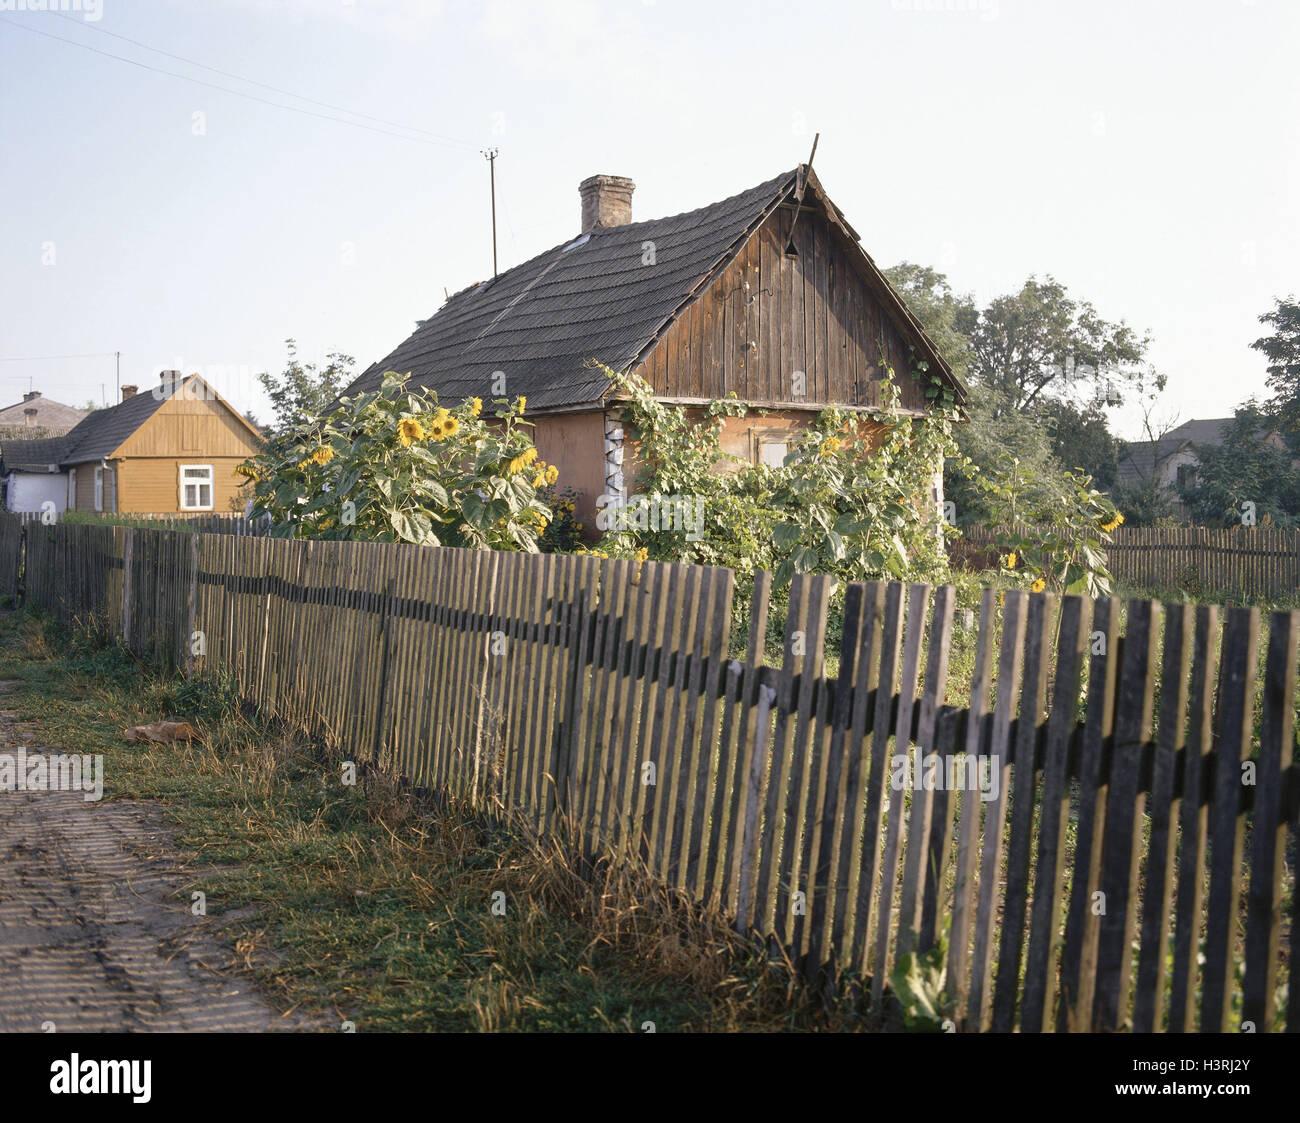 Polen Bauernhaus Garten Sonnenblumen Holz Zaun Europa Dorf